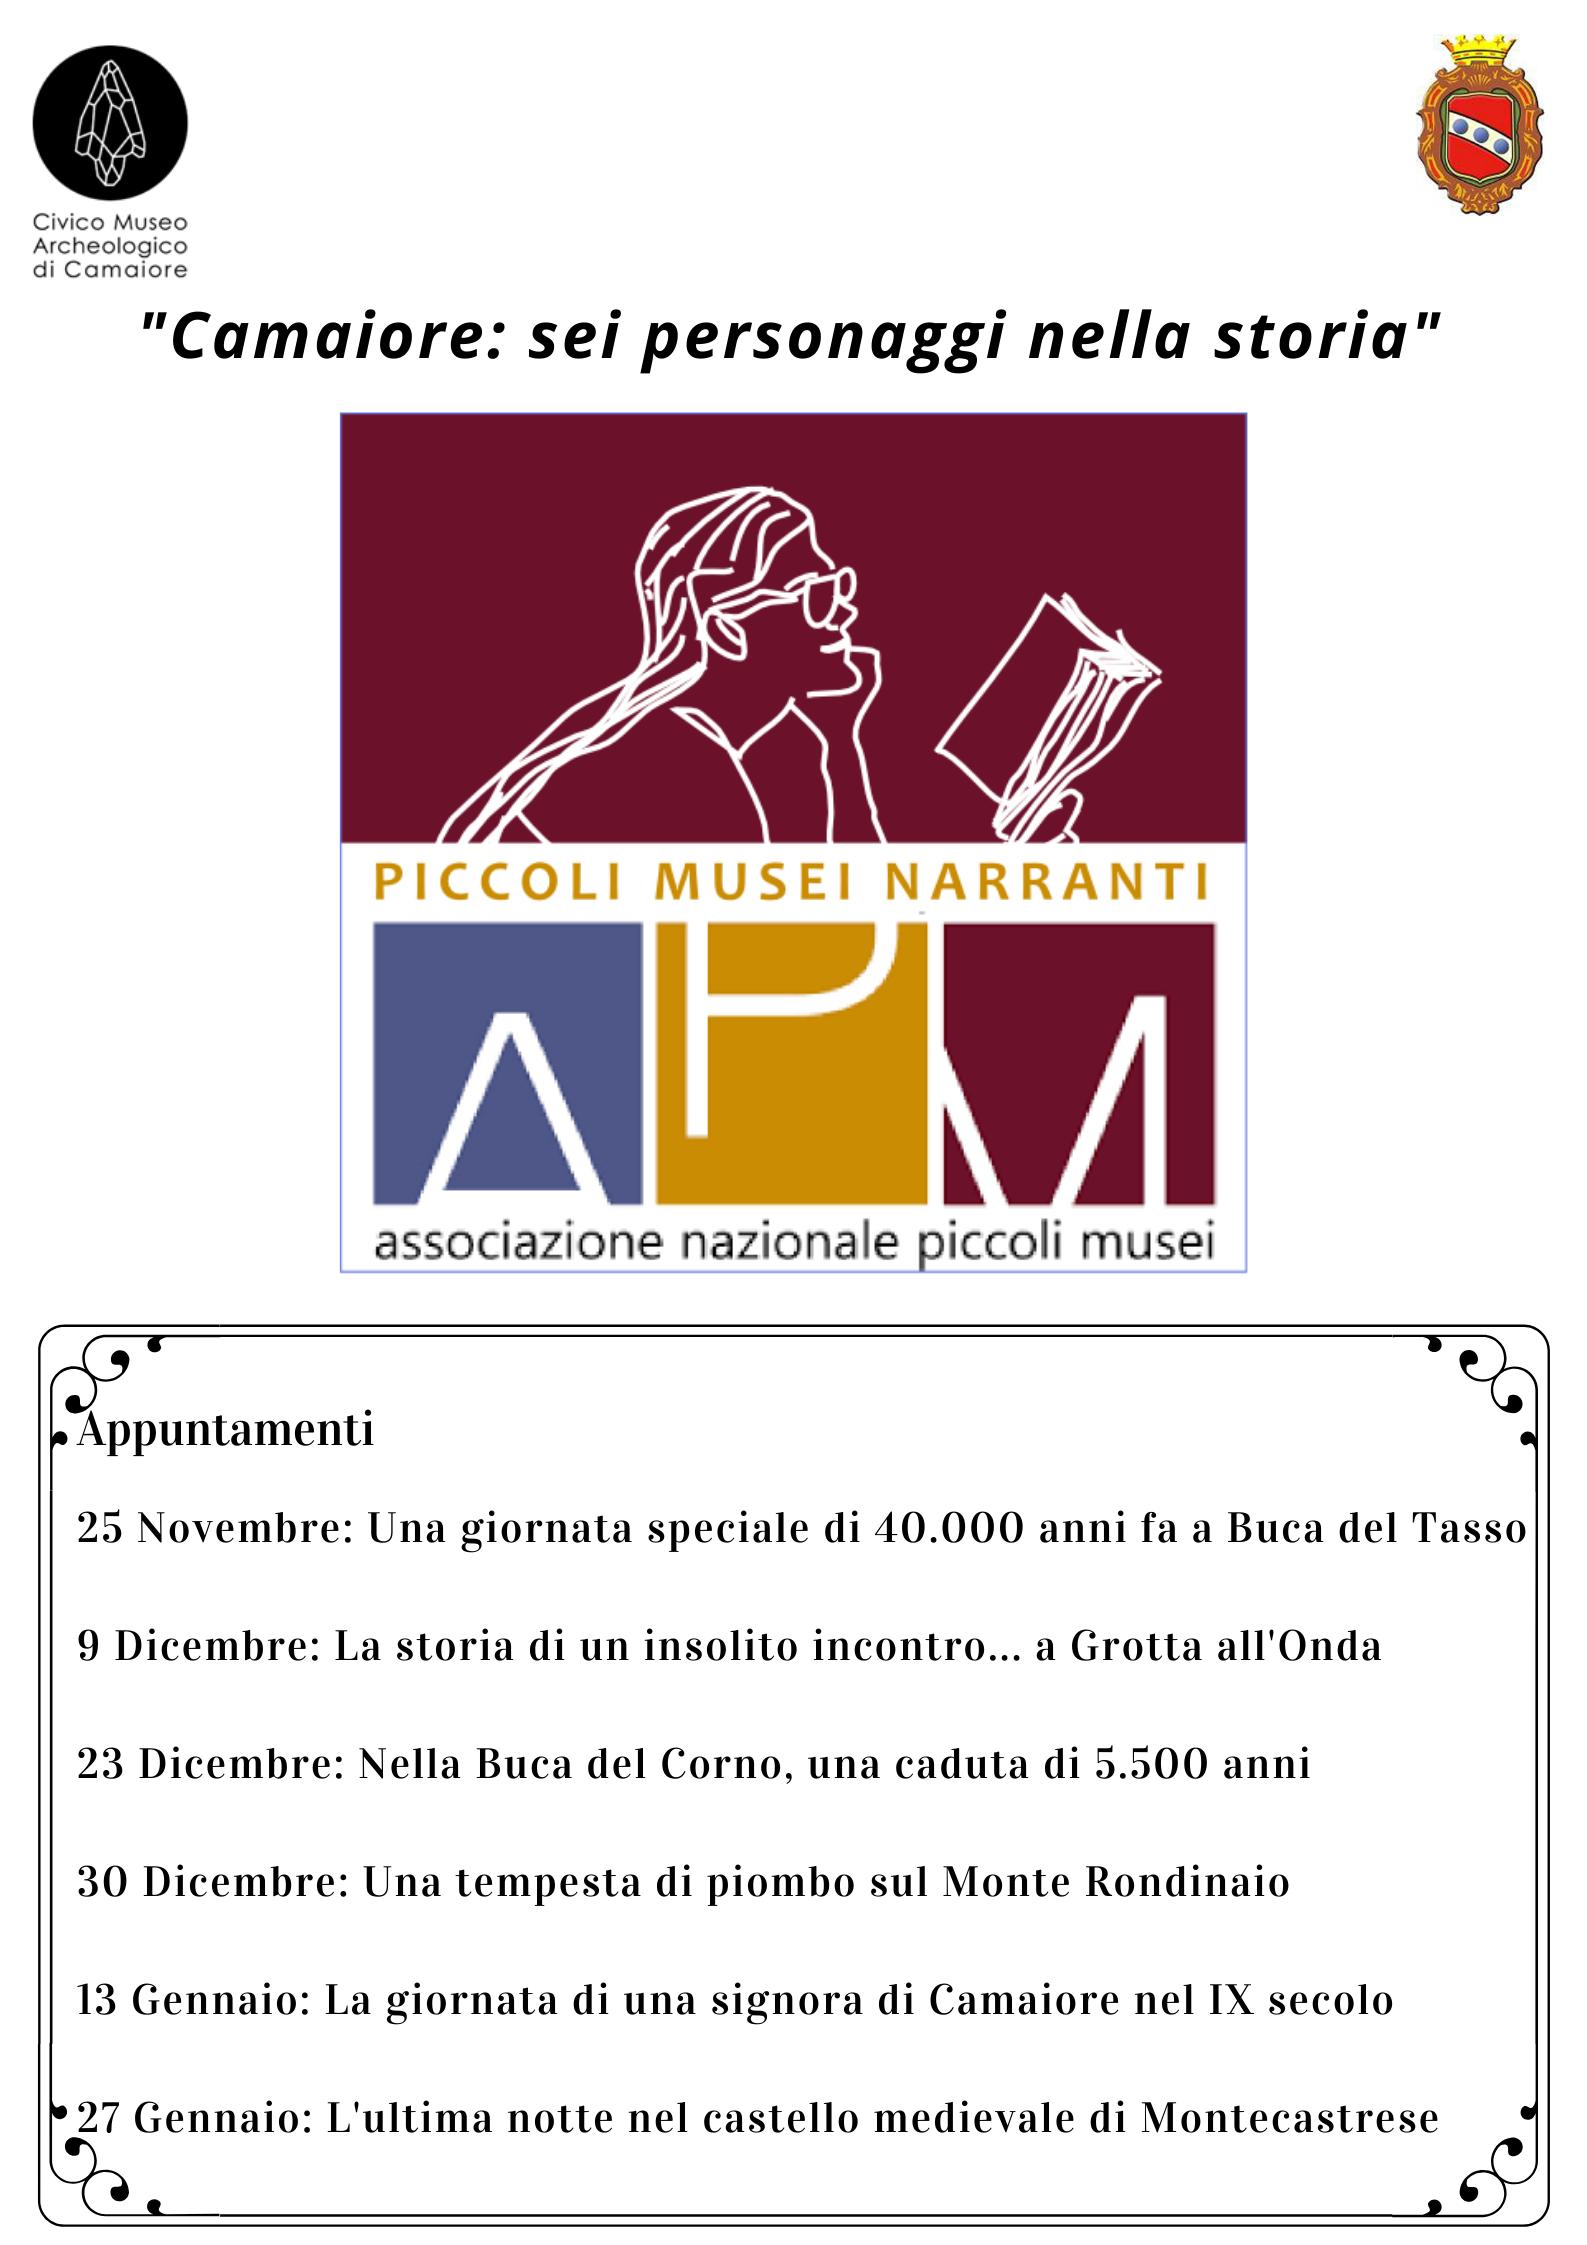 Il Civico Museo Archeologico di Camaiore aderisce all'iniziativa